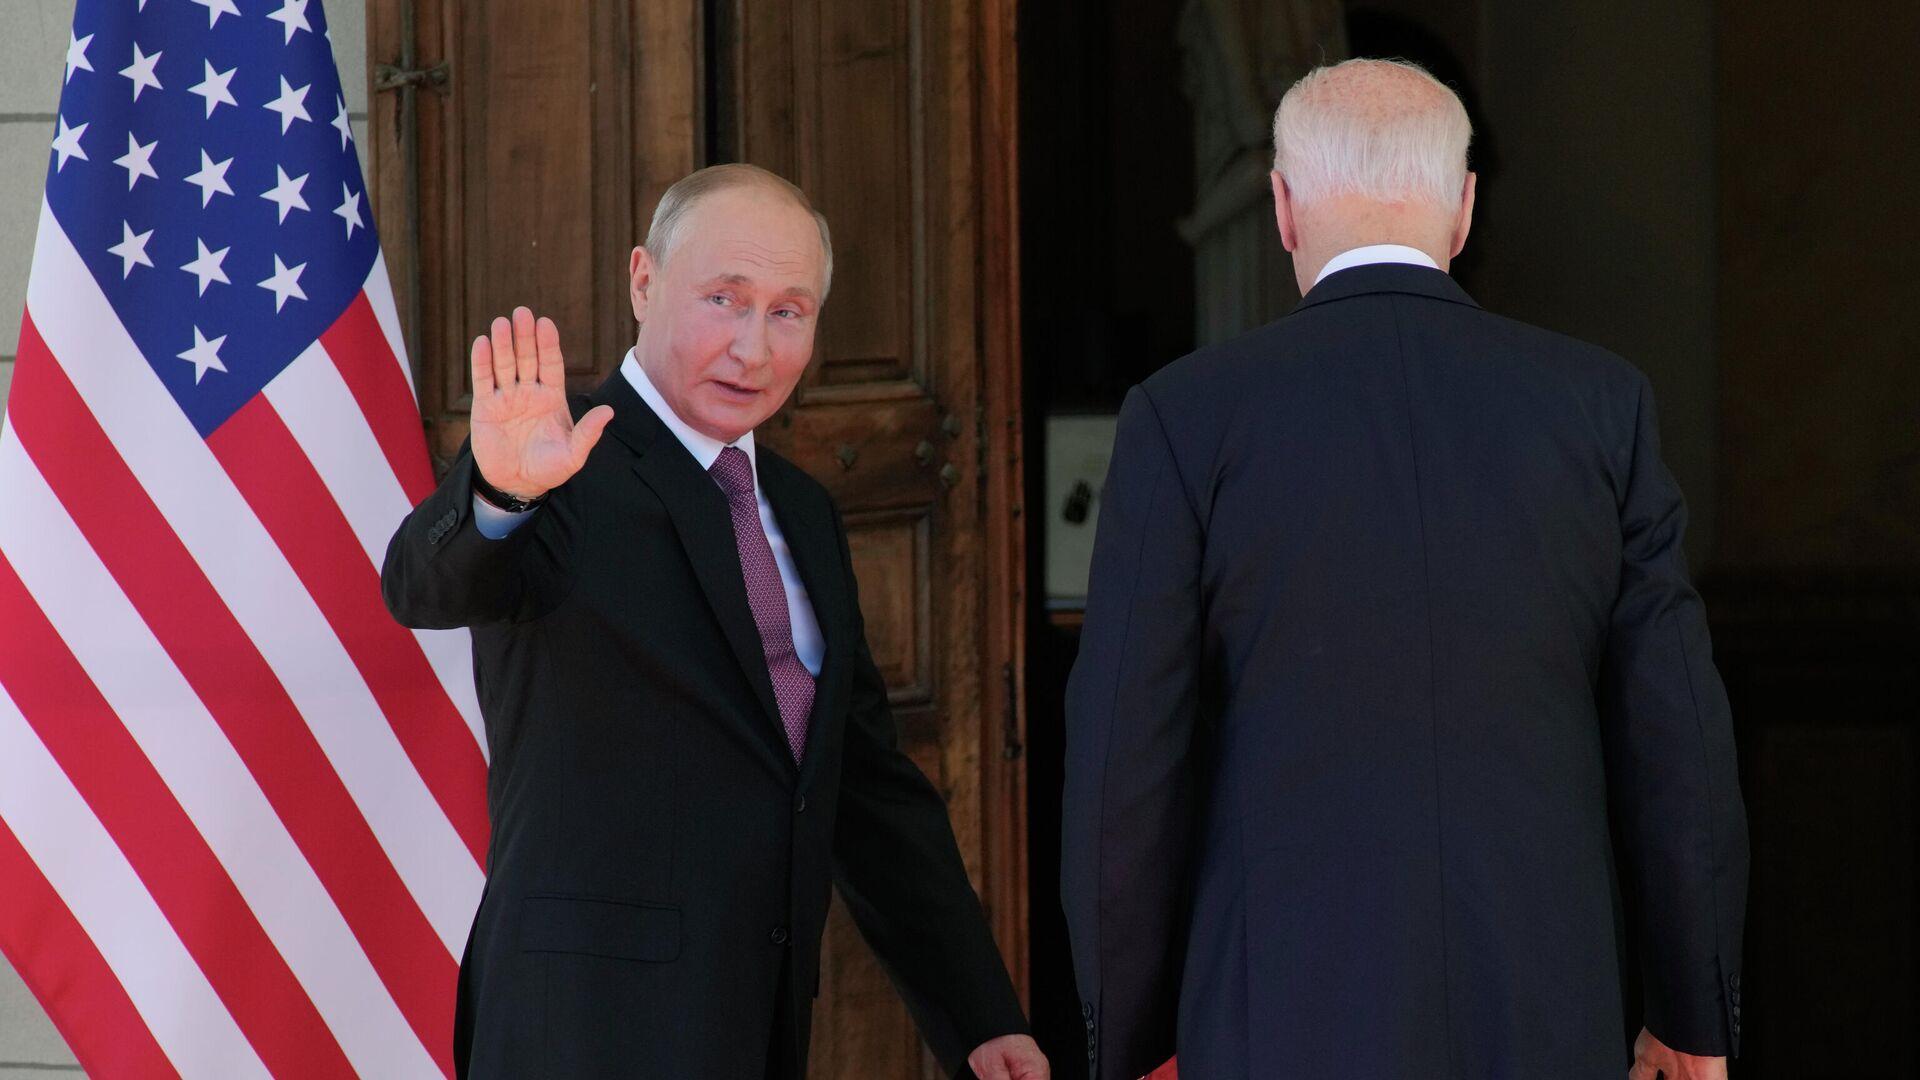 Президент РФ Владимир Путин и президент США Джо Байден на вилле Ла Гранж в Женеве - РИА Новости, 1920, 16.06.2021